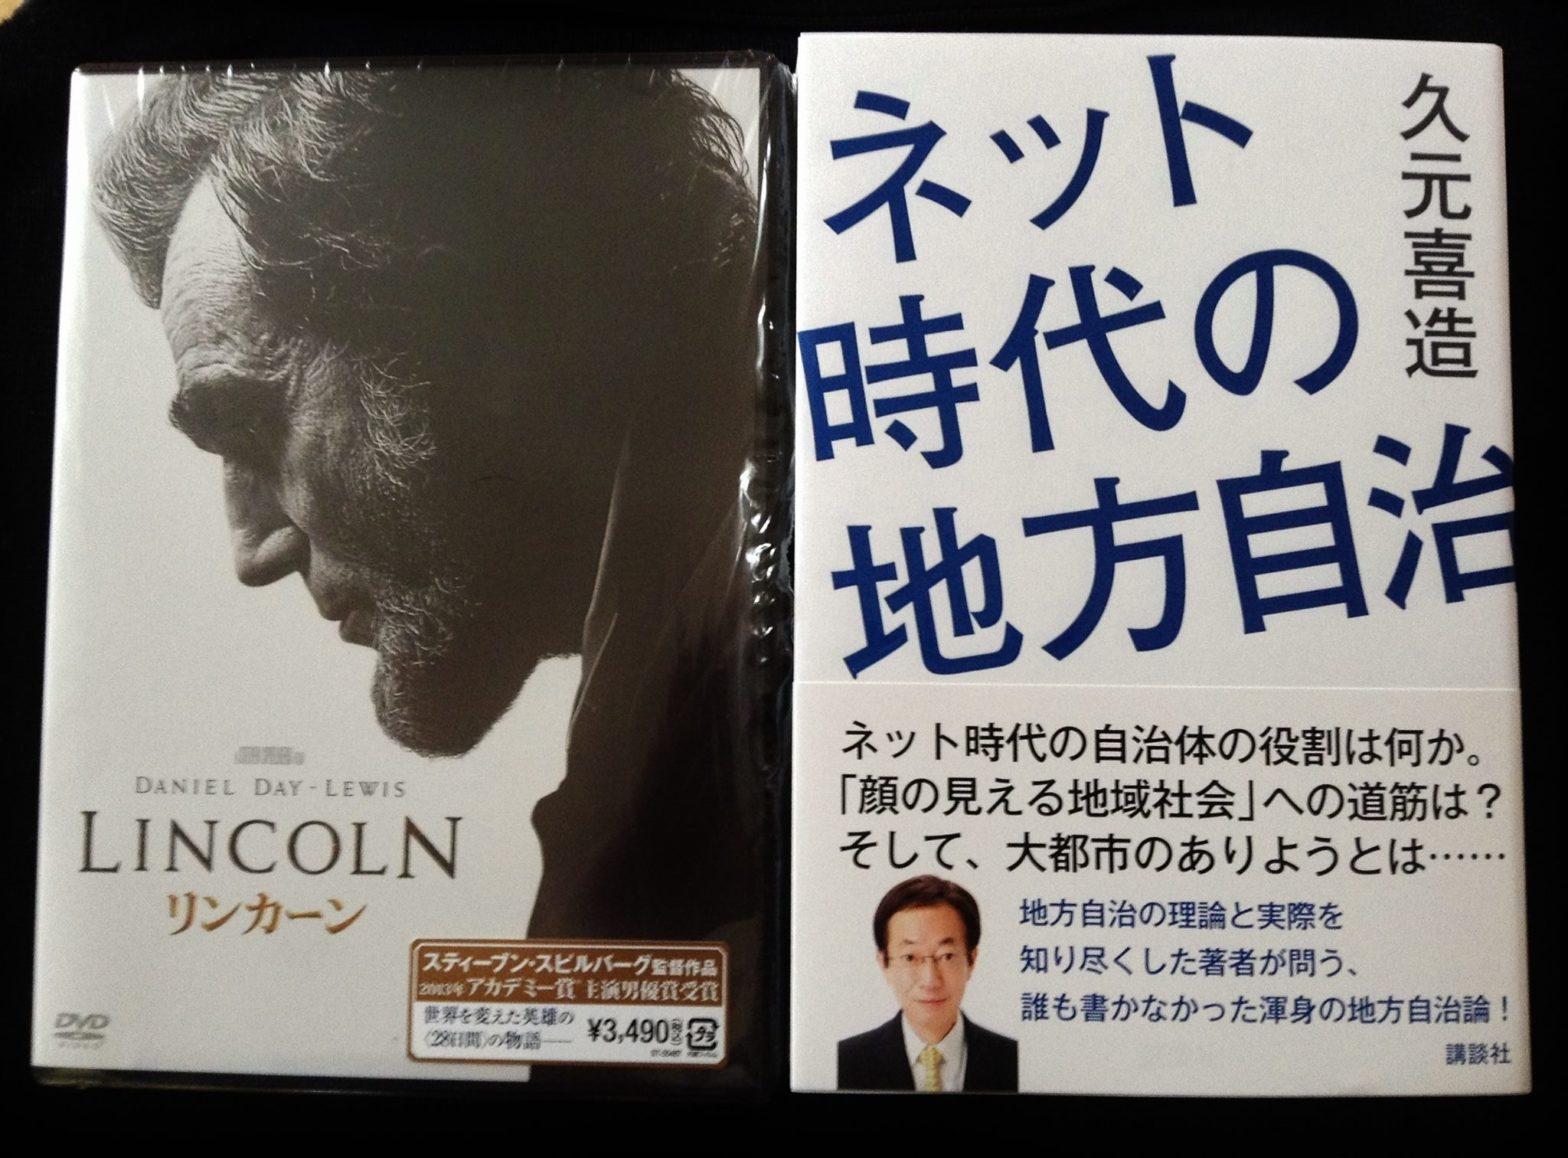 久元喜造さん著書 「ネット時代の地方自治」が届く 12日